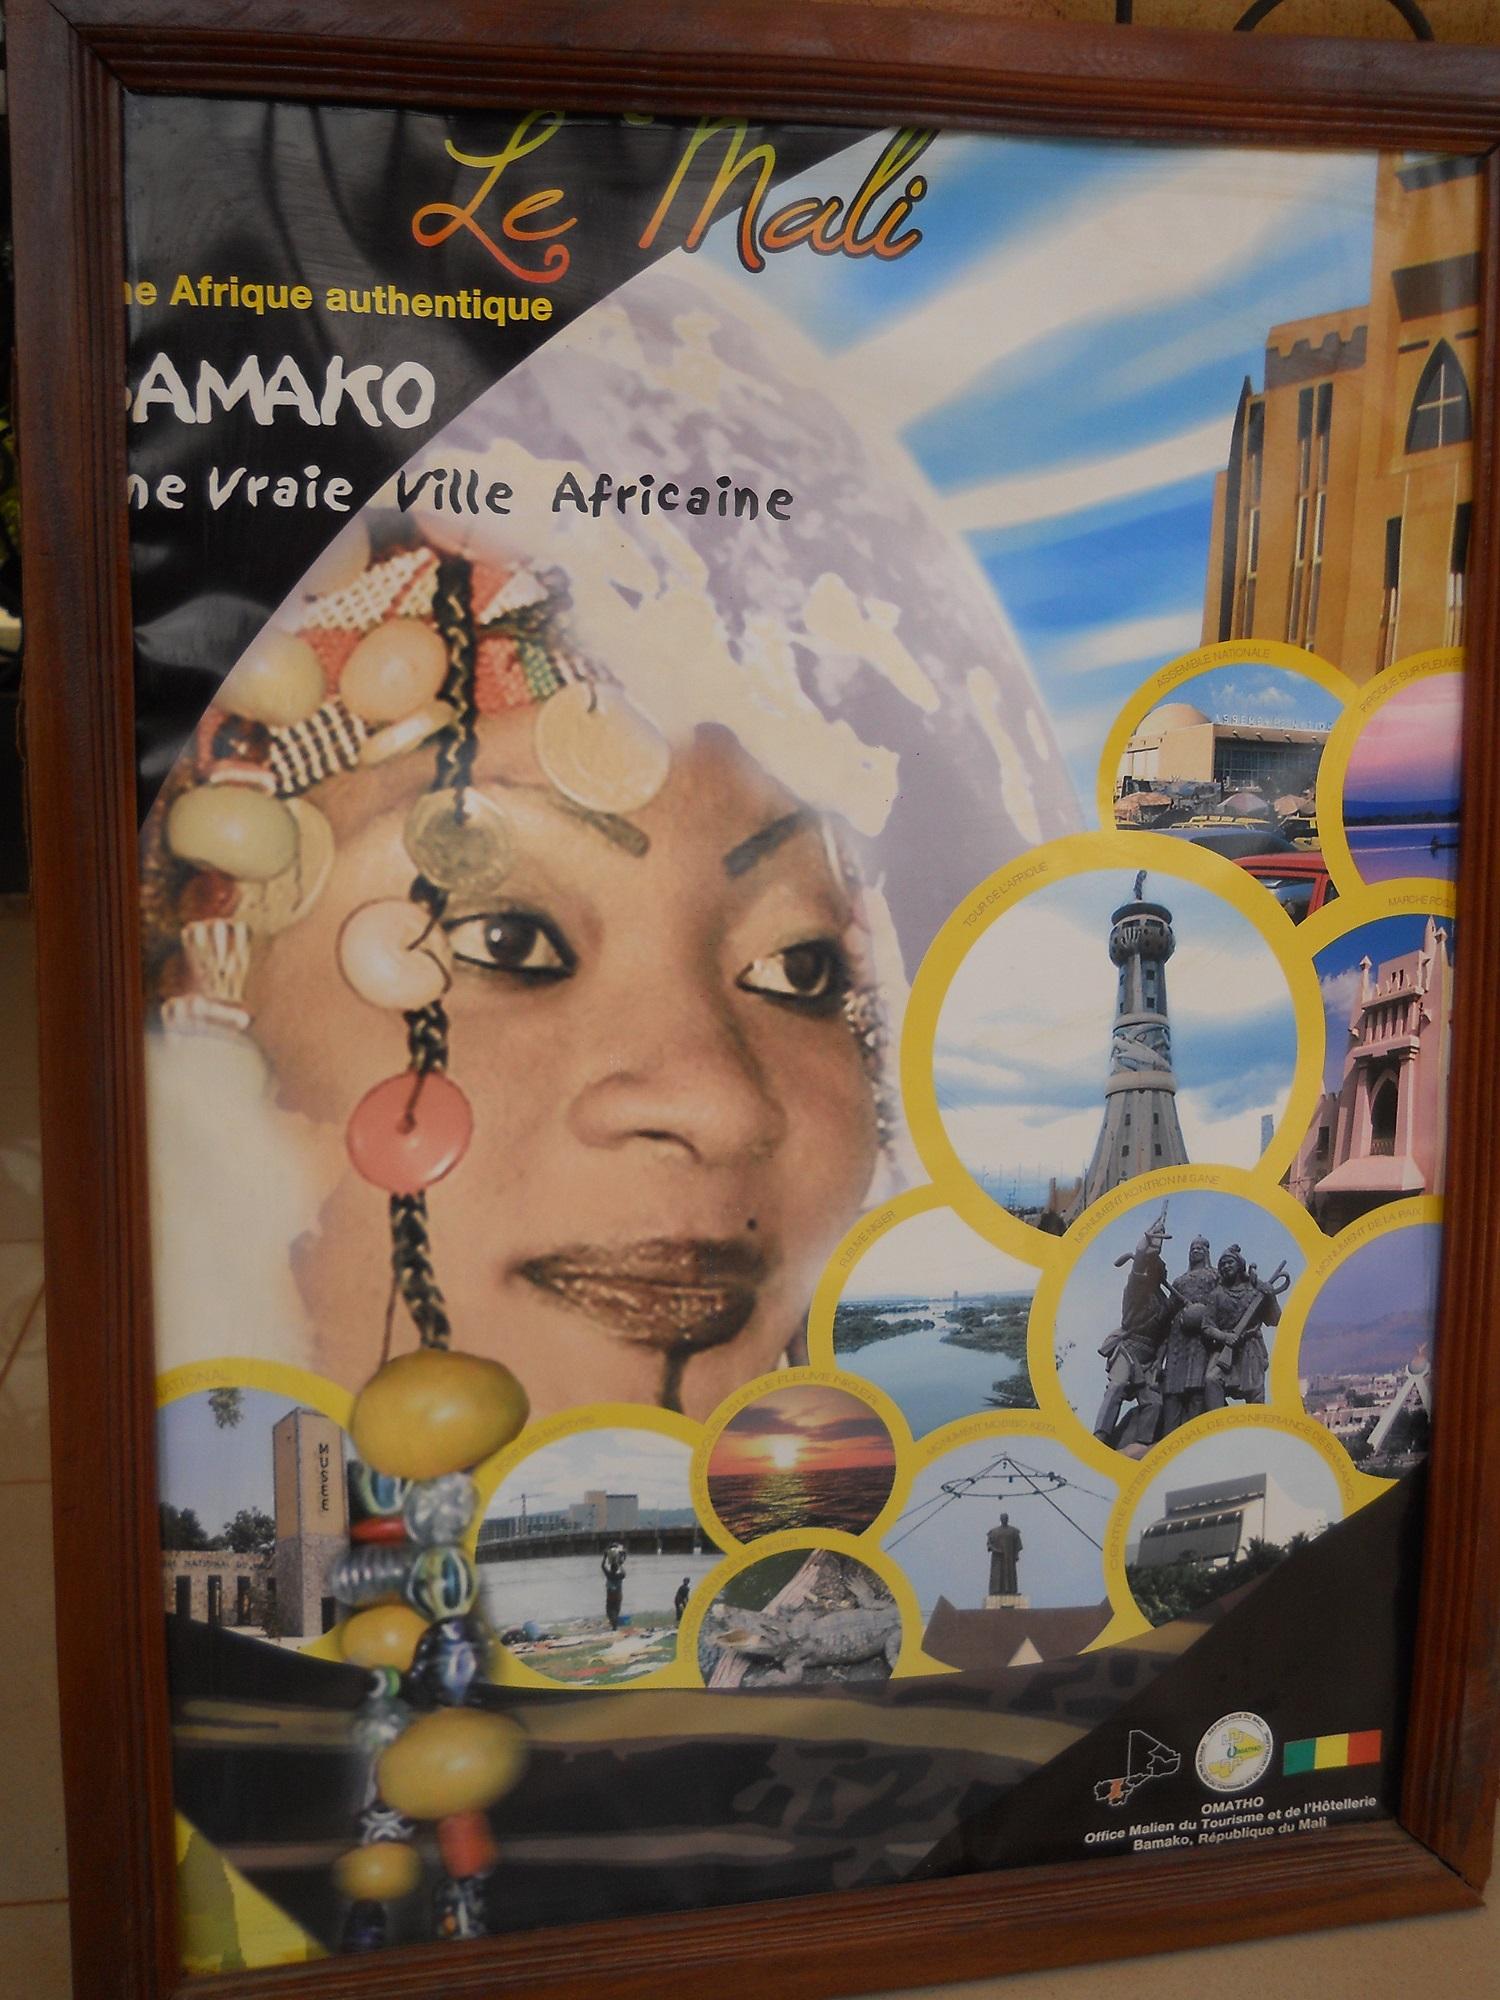 omatho-photo-de-loffice-du-tourisme-2